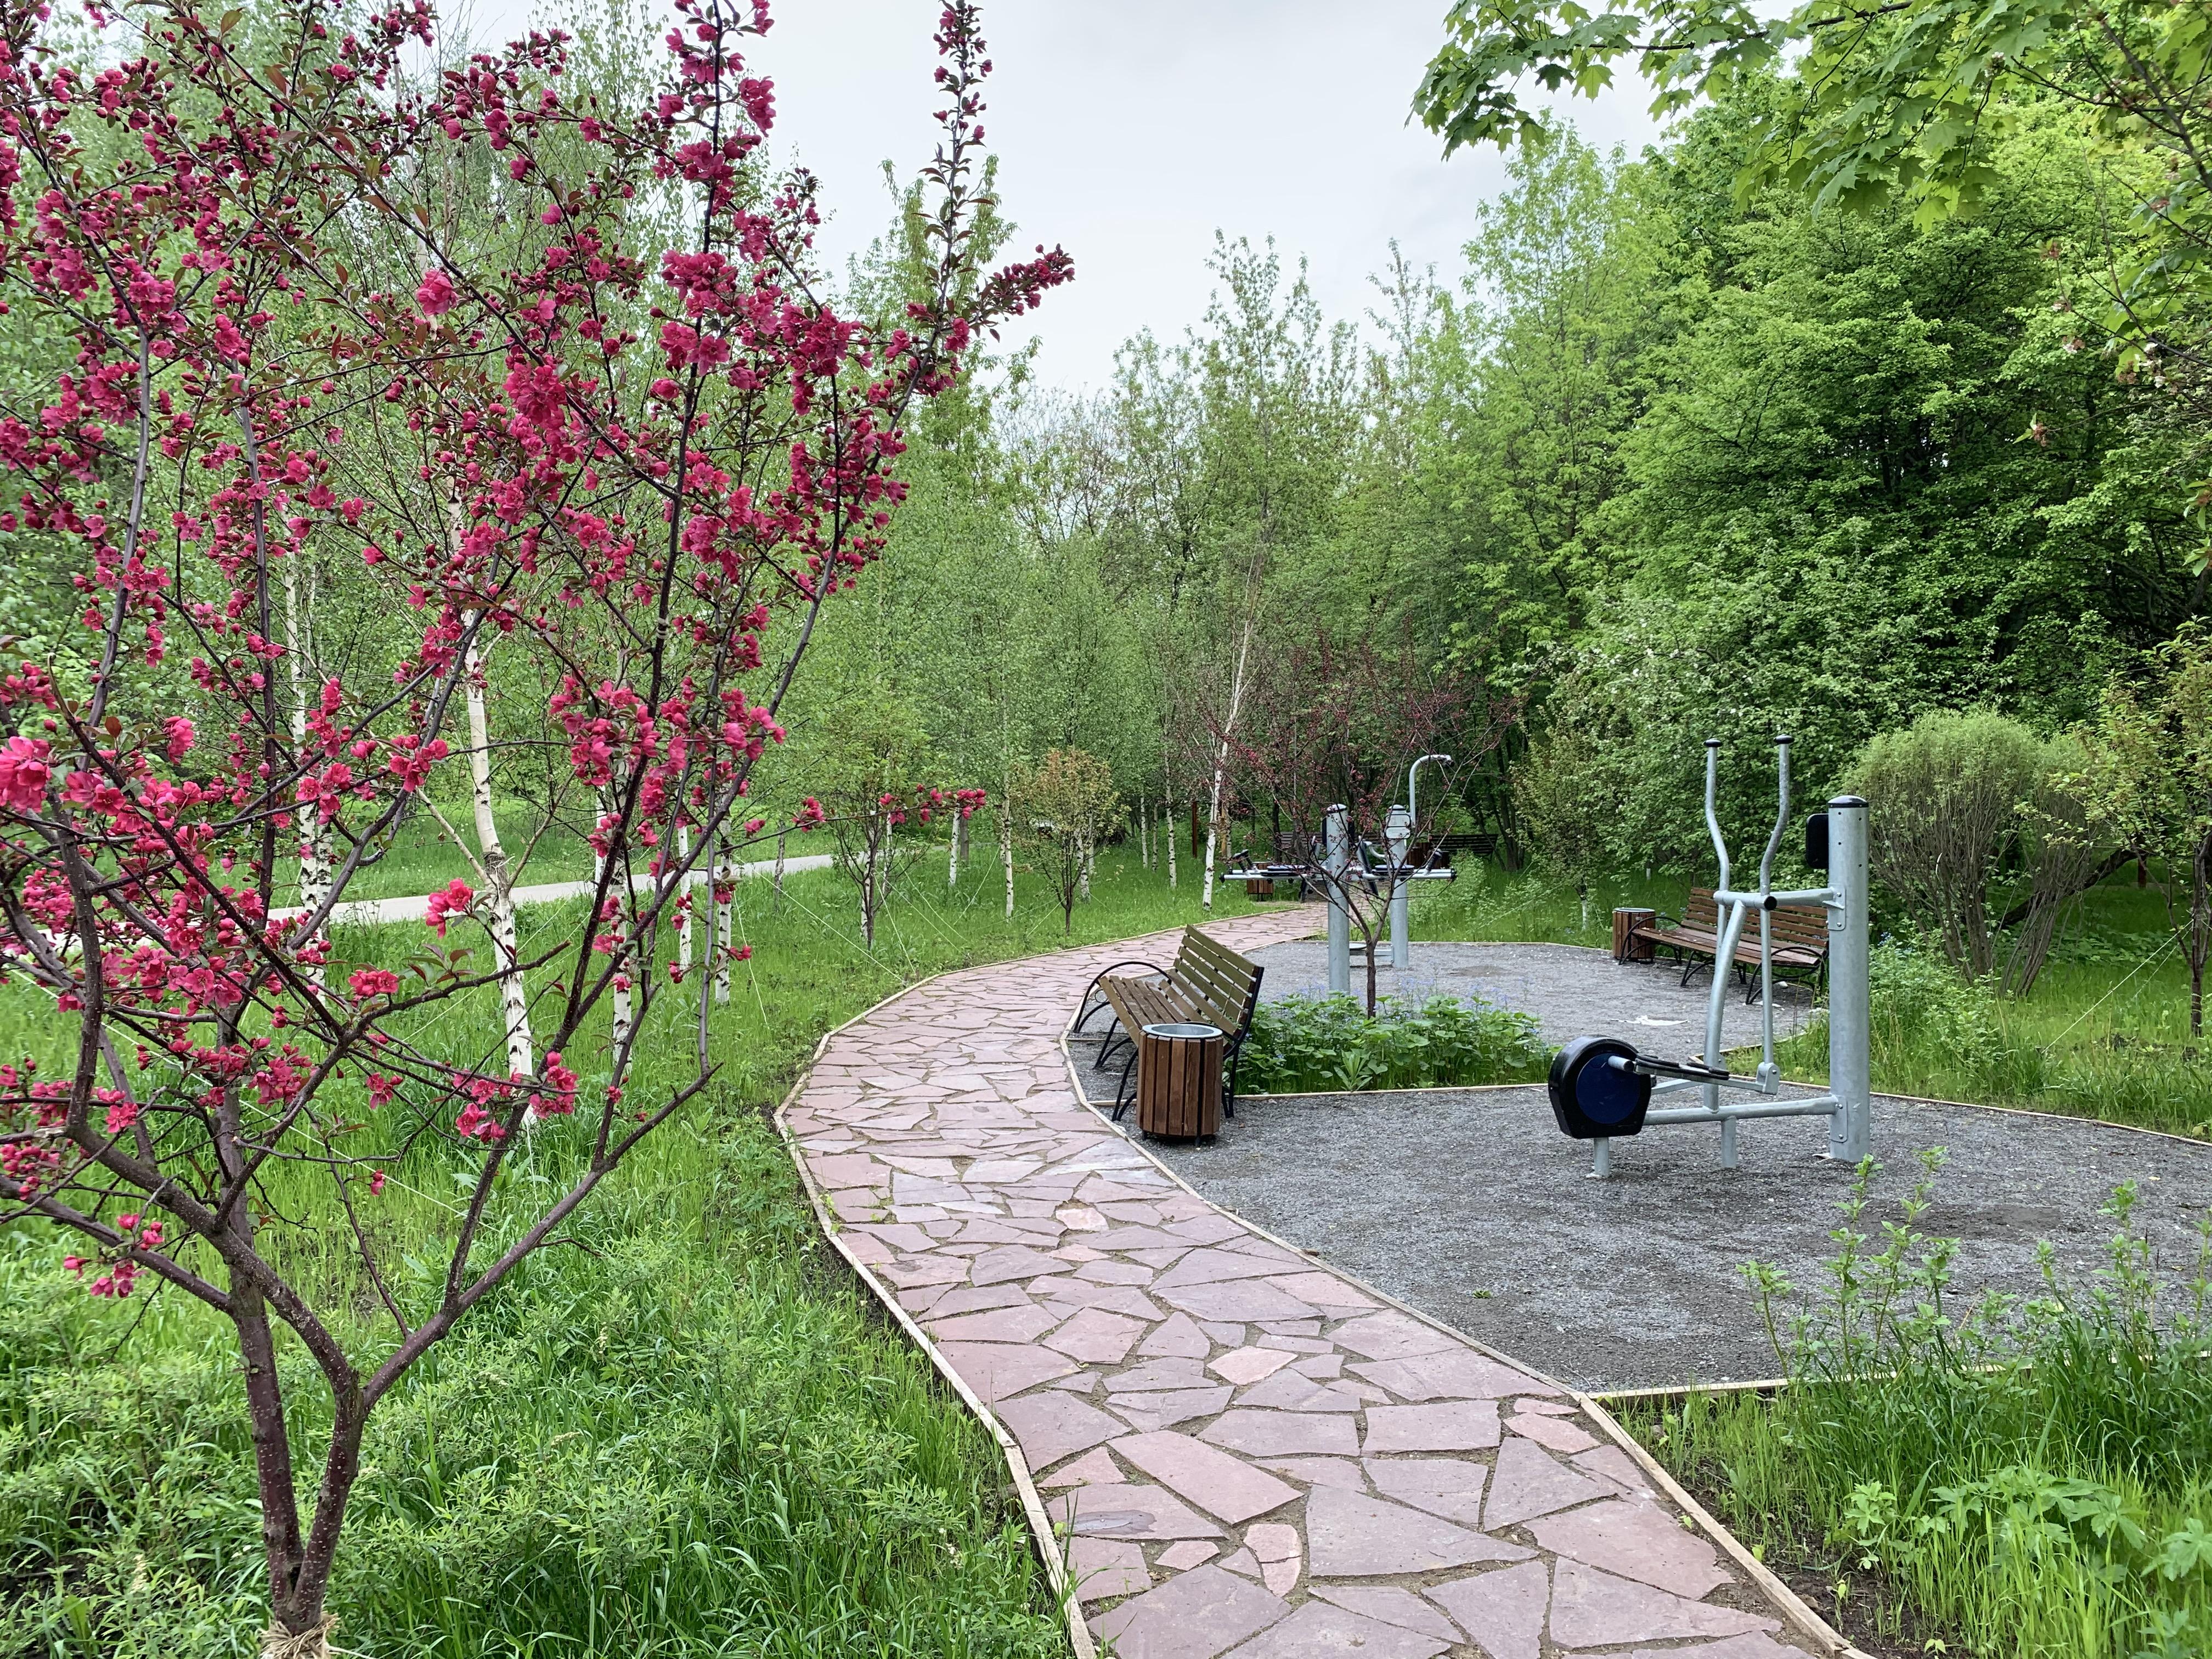 Отдых и природа: горожанам рассказали о «Садах здоровья»